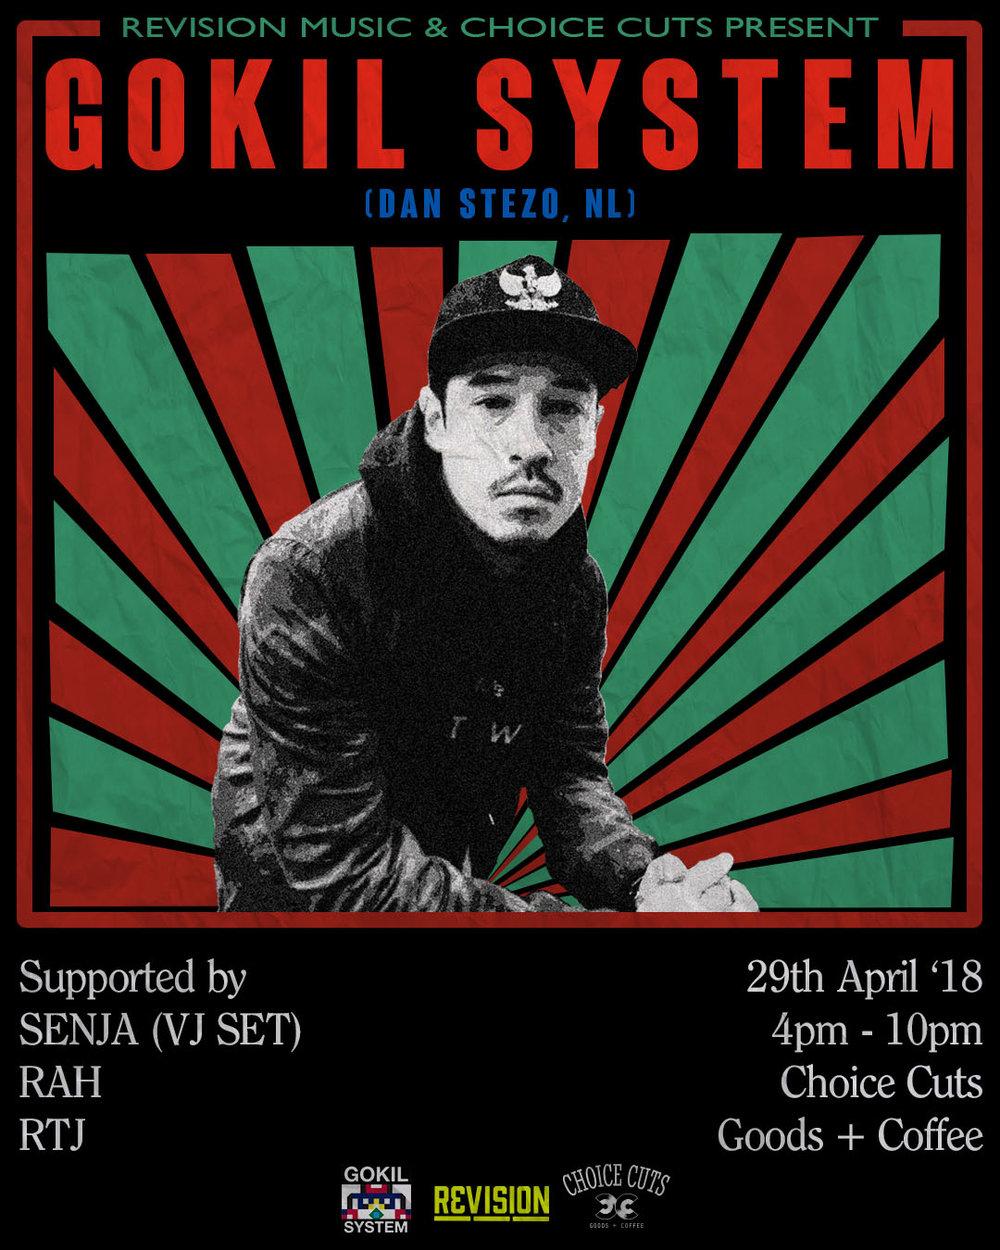 Gokil System Poster REVISED.jpg